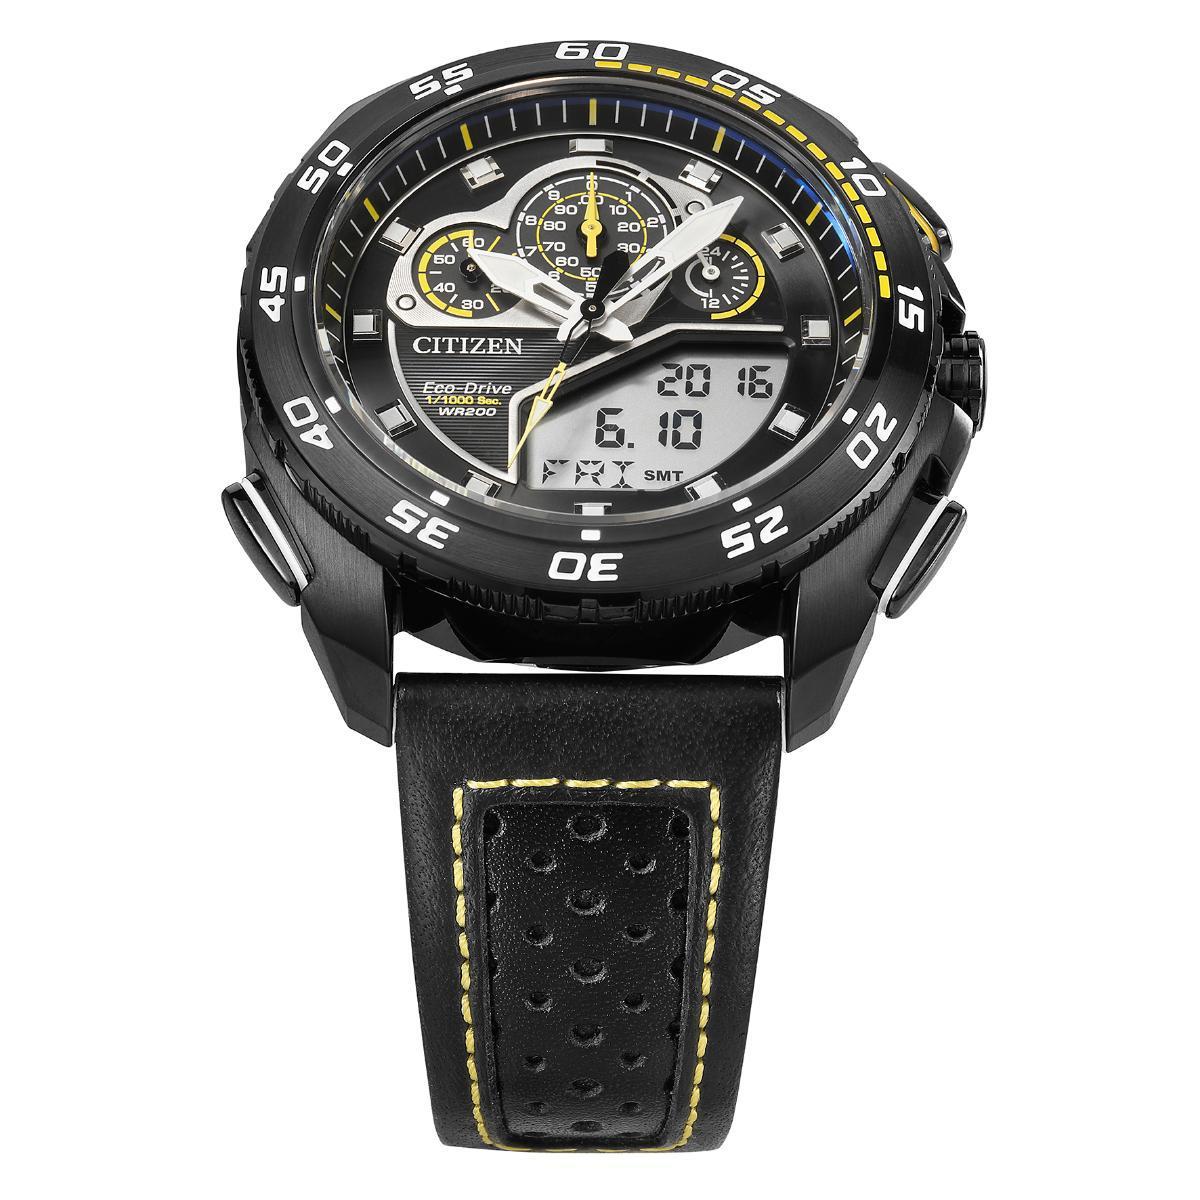 6a74d594e76 Relógio Citizen Eco-Drive Caixa de 43 MM Pulseira em Couro R  2.483